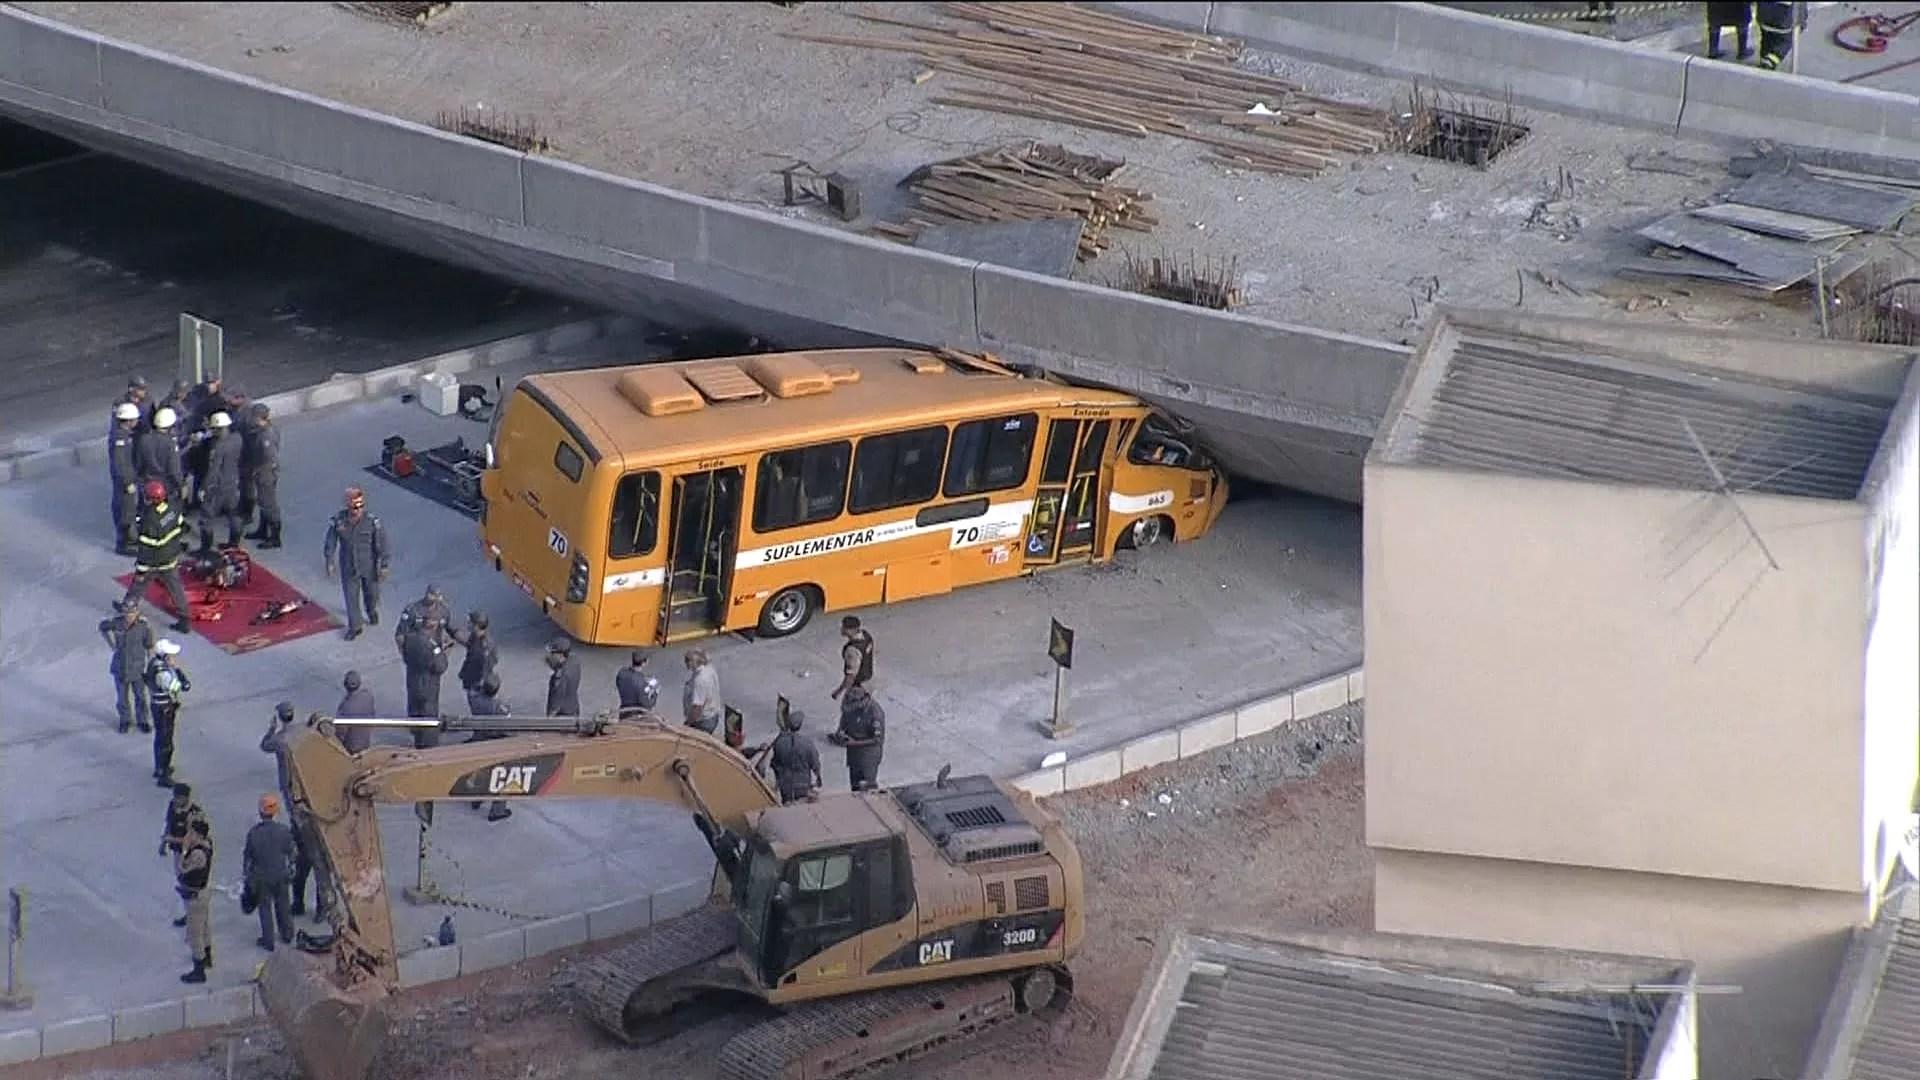 Viaduto desaba na Avenida Pedro I (Foto: reprodução GloboNews)